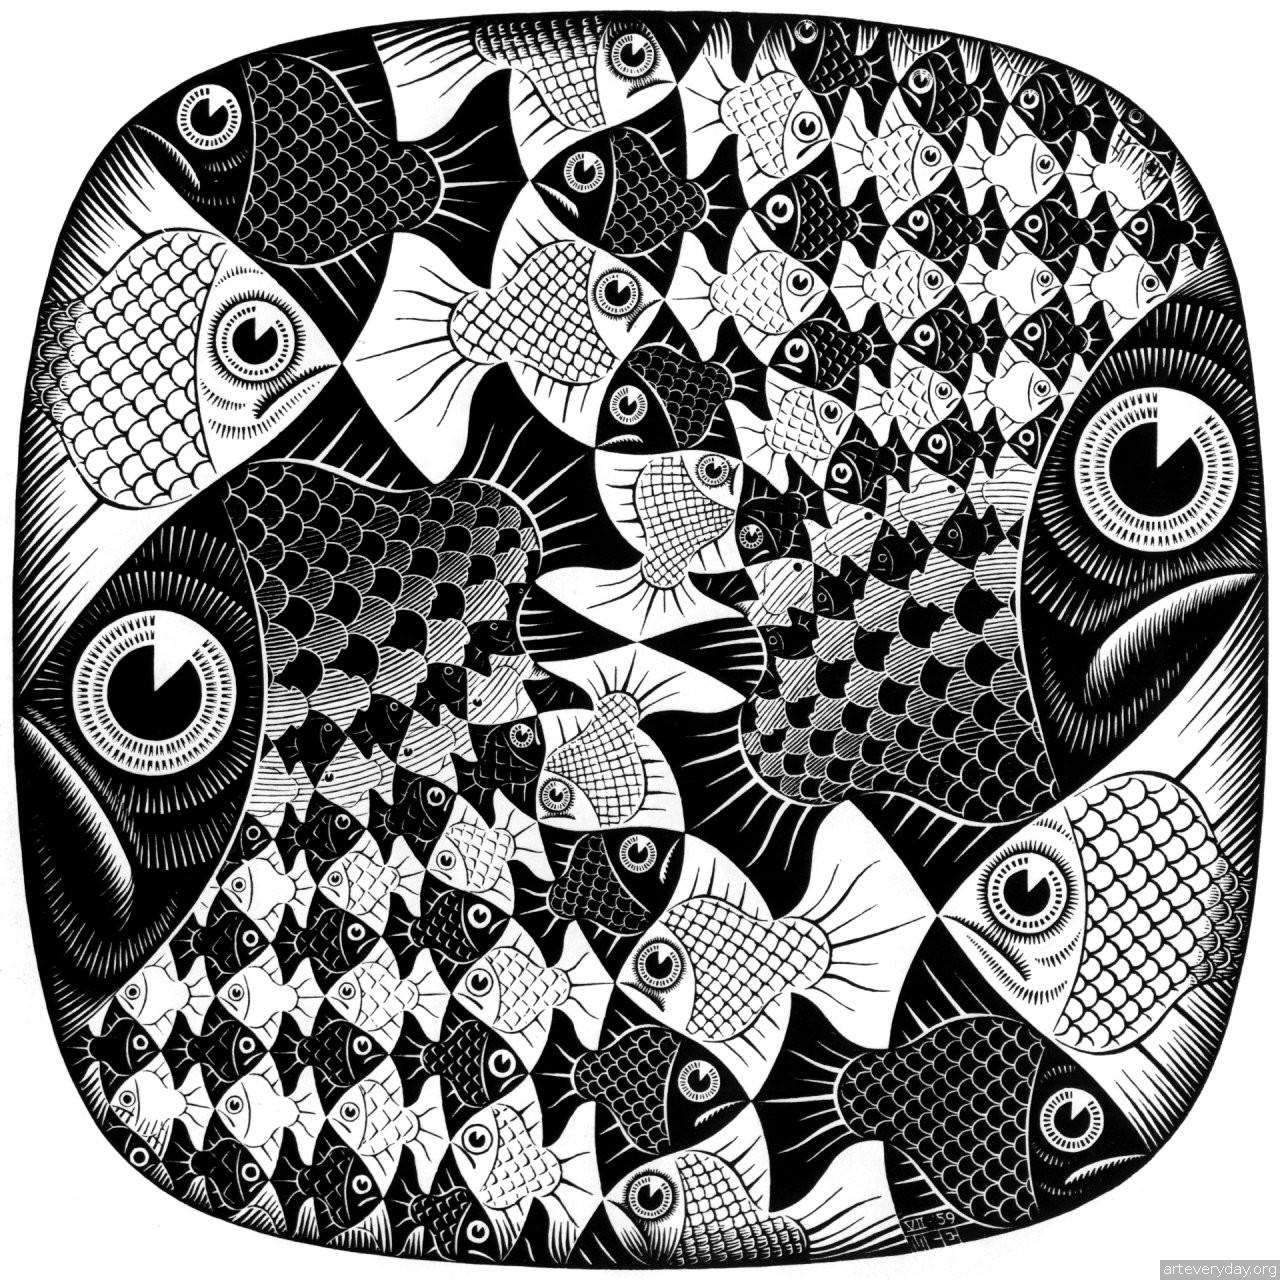 Эшер Мауриц Корнелис, графика, мозаика рыбы